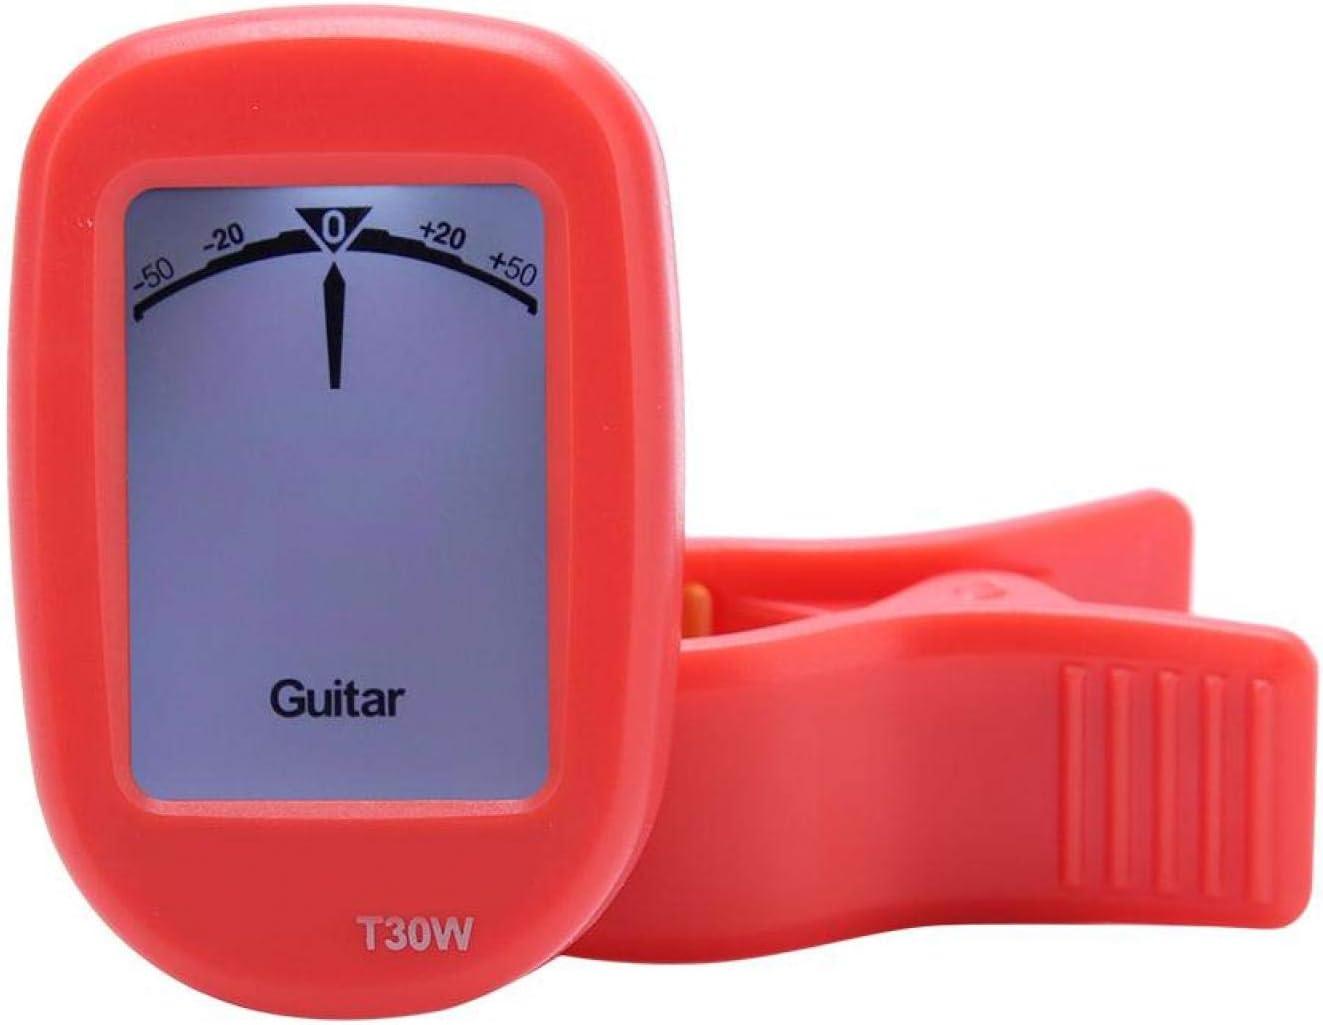 Afinador de guitarra de alta sensibilidad y precisión para músicos profesionales o principiantes para guitarra, bajo, ukelele, violín, banjo(red)